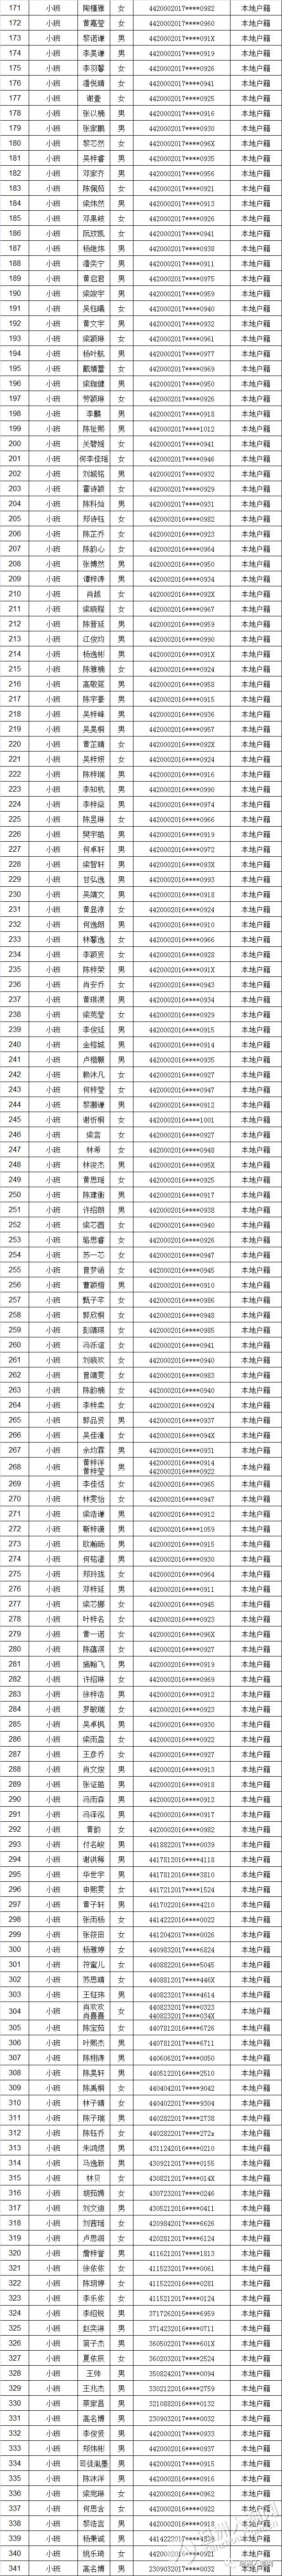 坦洲镇中心幼儿园2020年秋季招生小班本地幼儿抽签名单